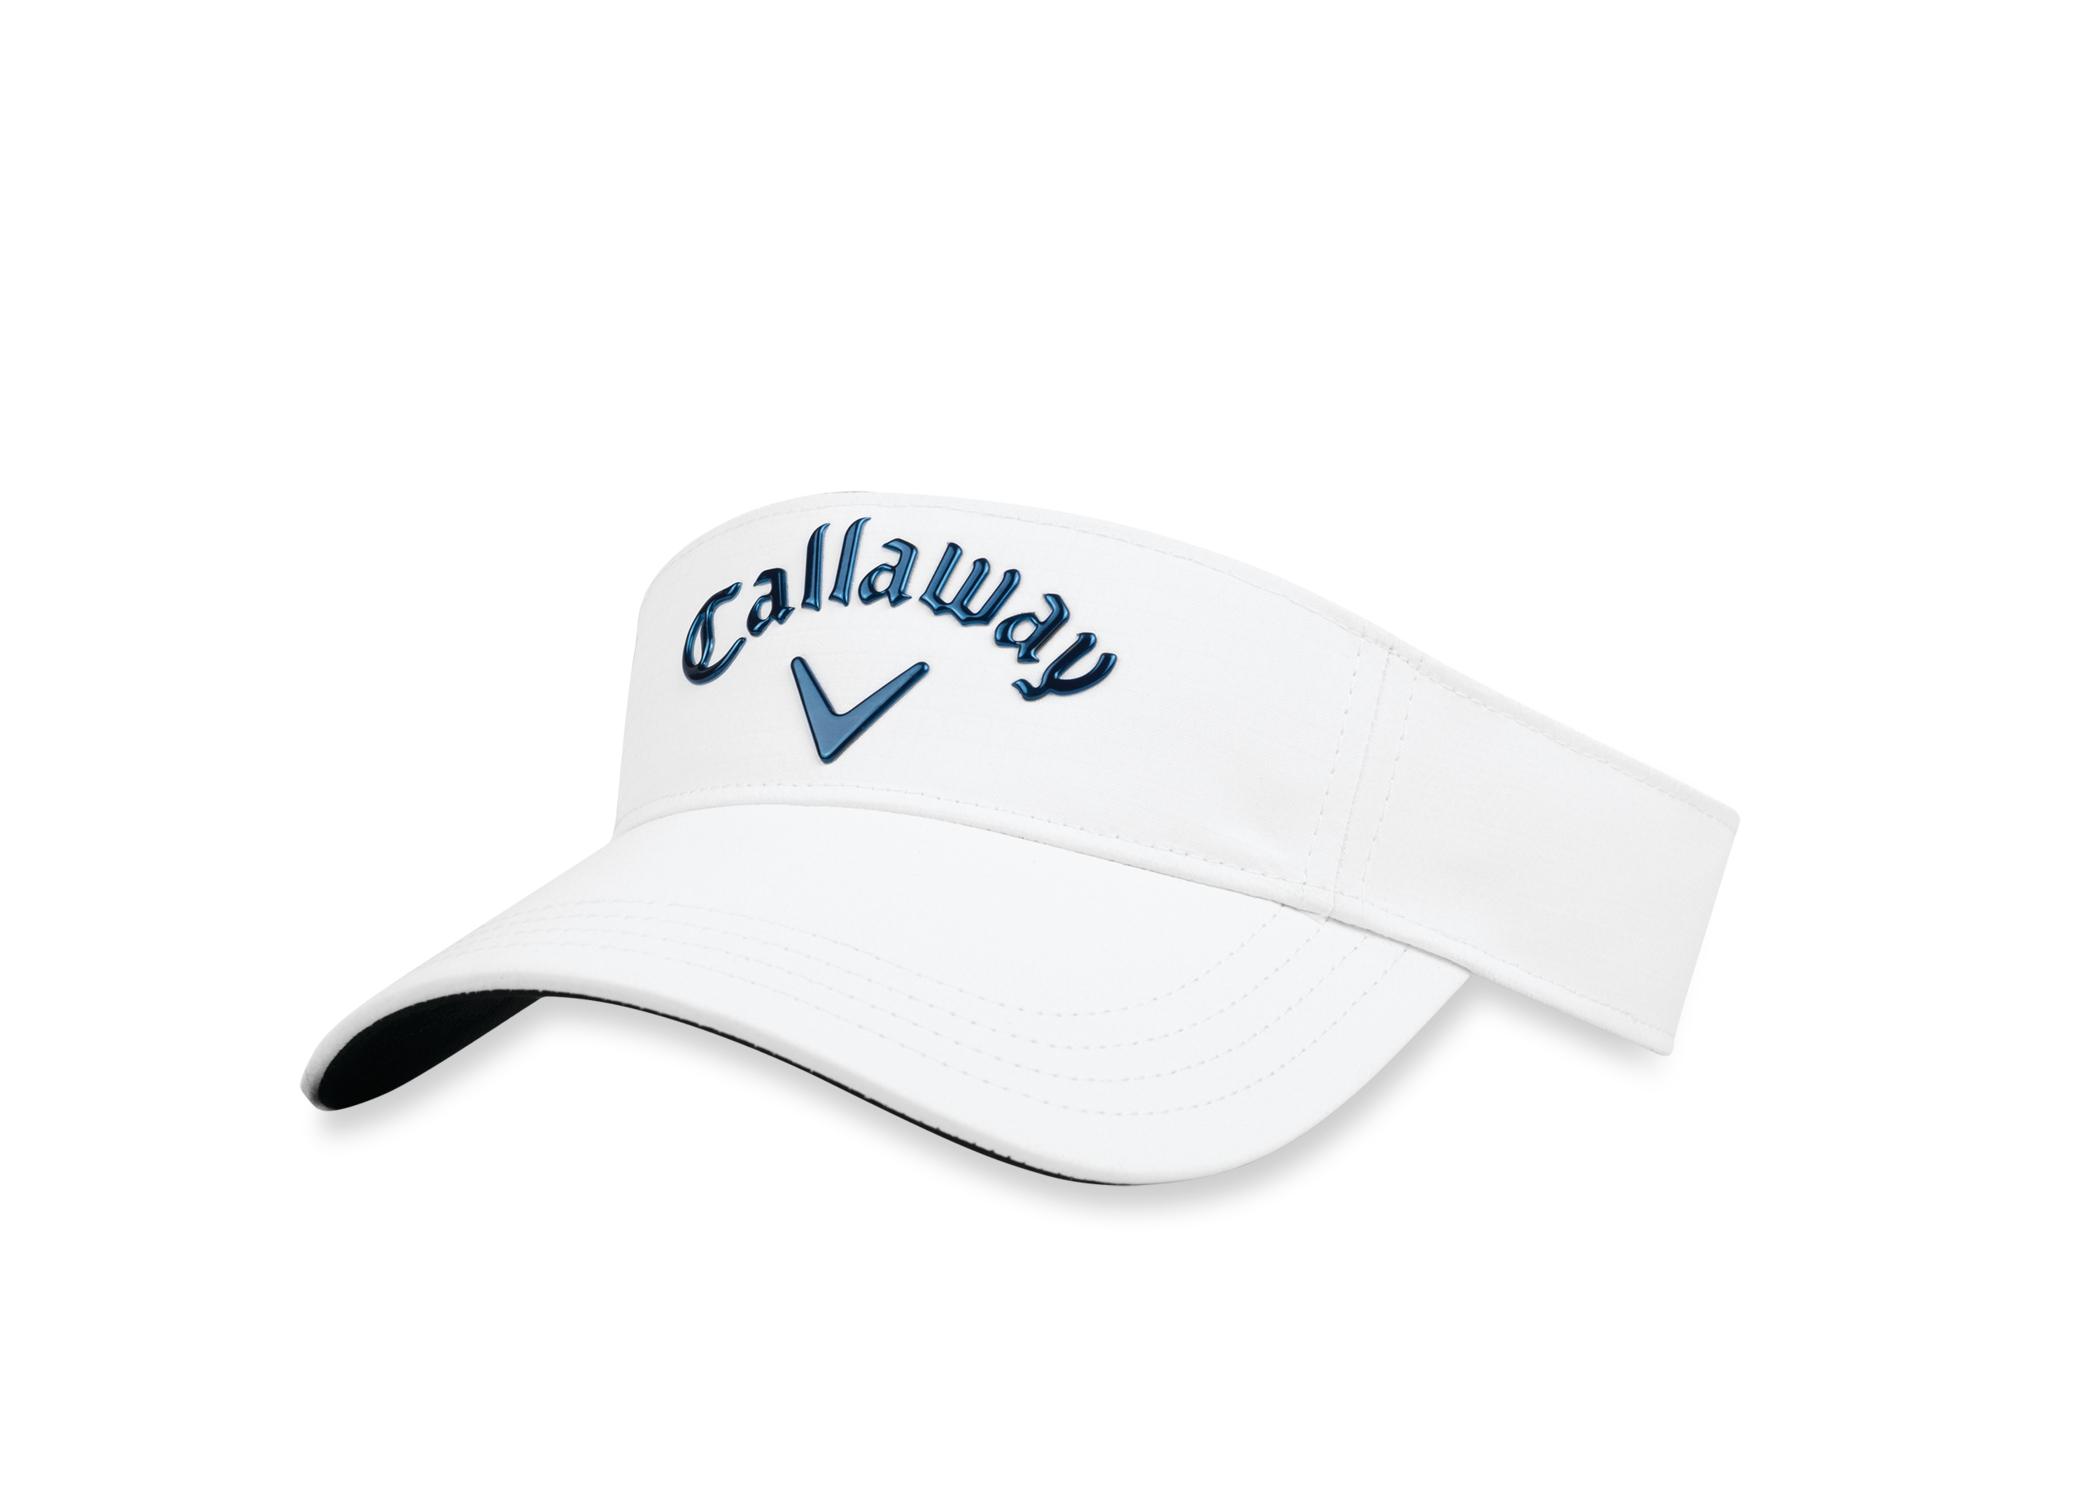 CALLAWAY LIQUID METAL VISOR MENS ADJUSTABLE GOLF CAP -PICK YOUR ... c6a38cb7f54